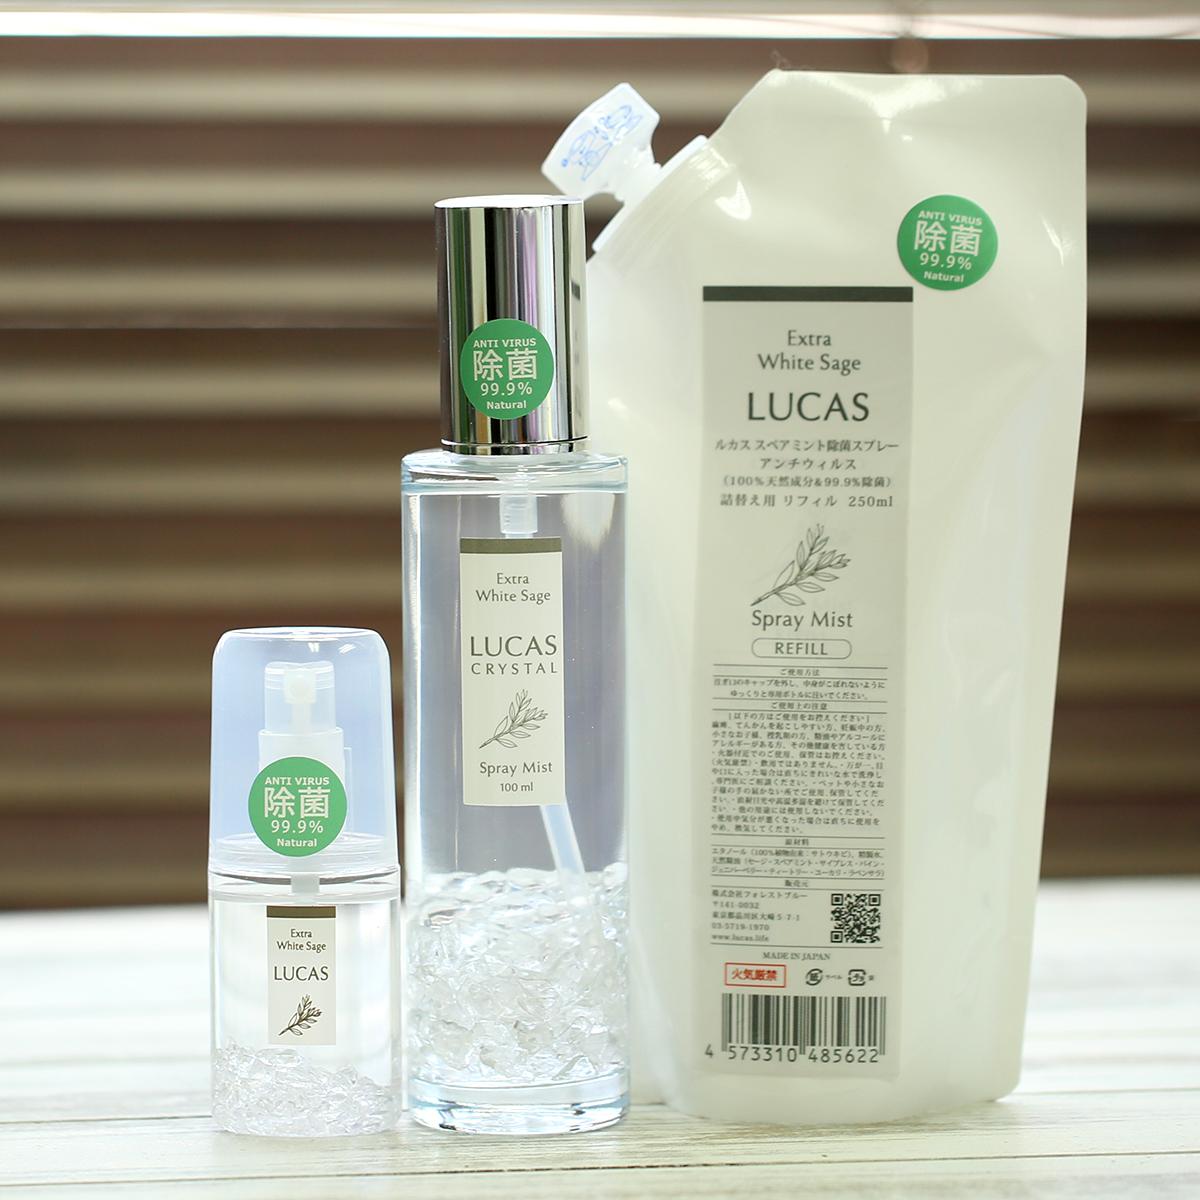 マスク除菌スプレー LUCAS 爽快ミントの香り (100%天然成分 & 99.9%除菌)  詰替リフィル 250ml ハンカチスプレー